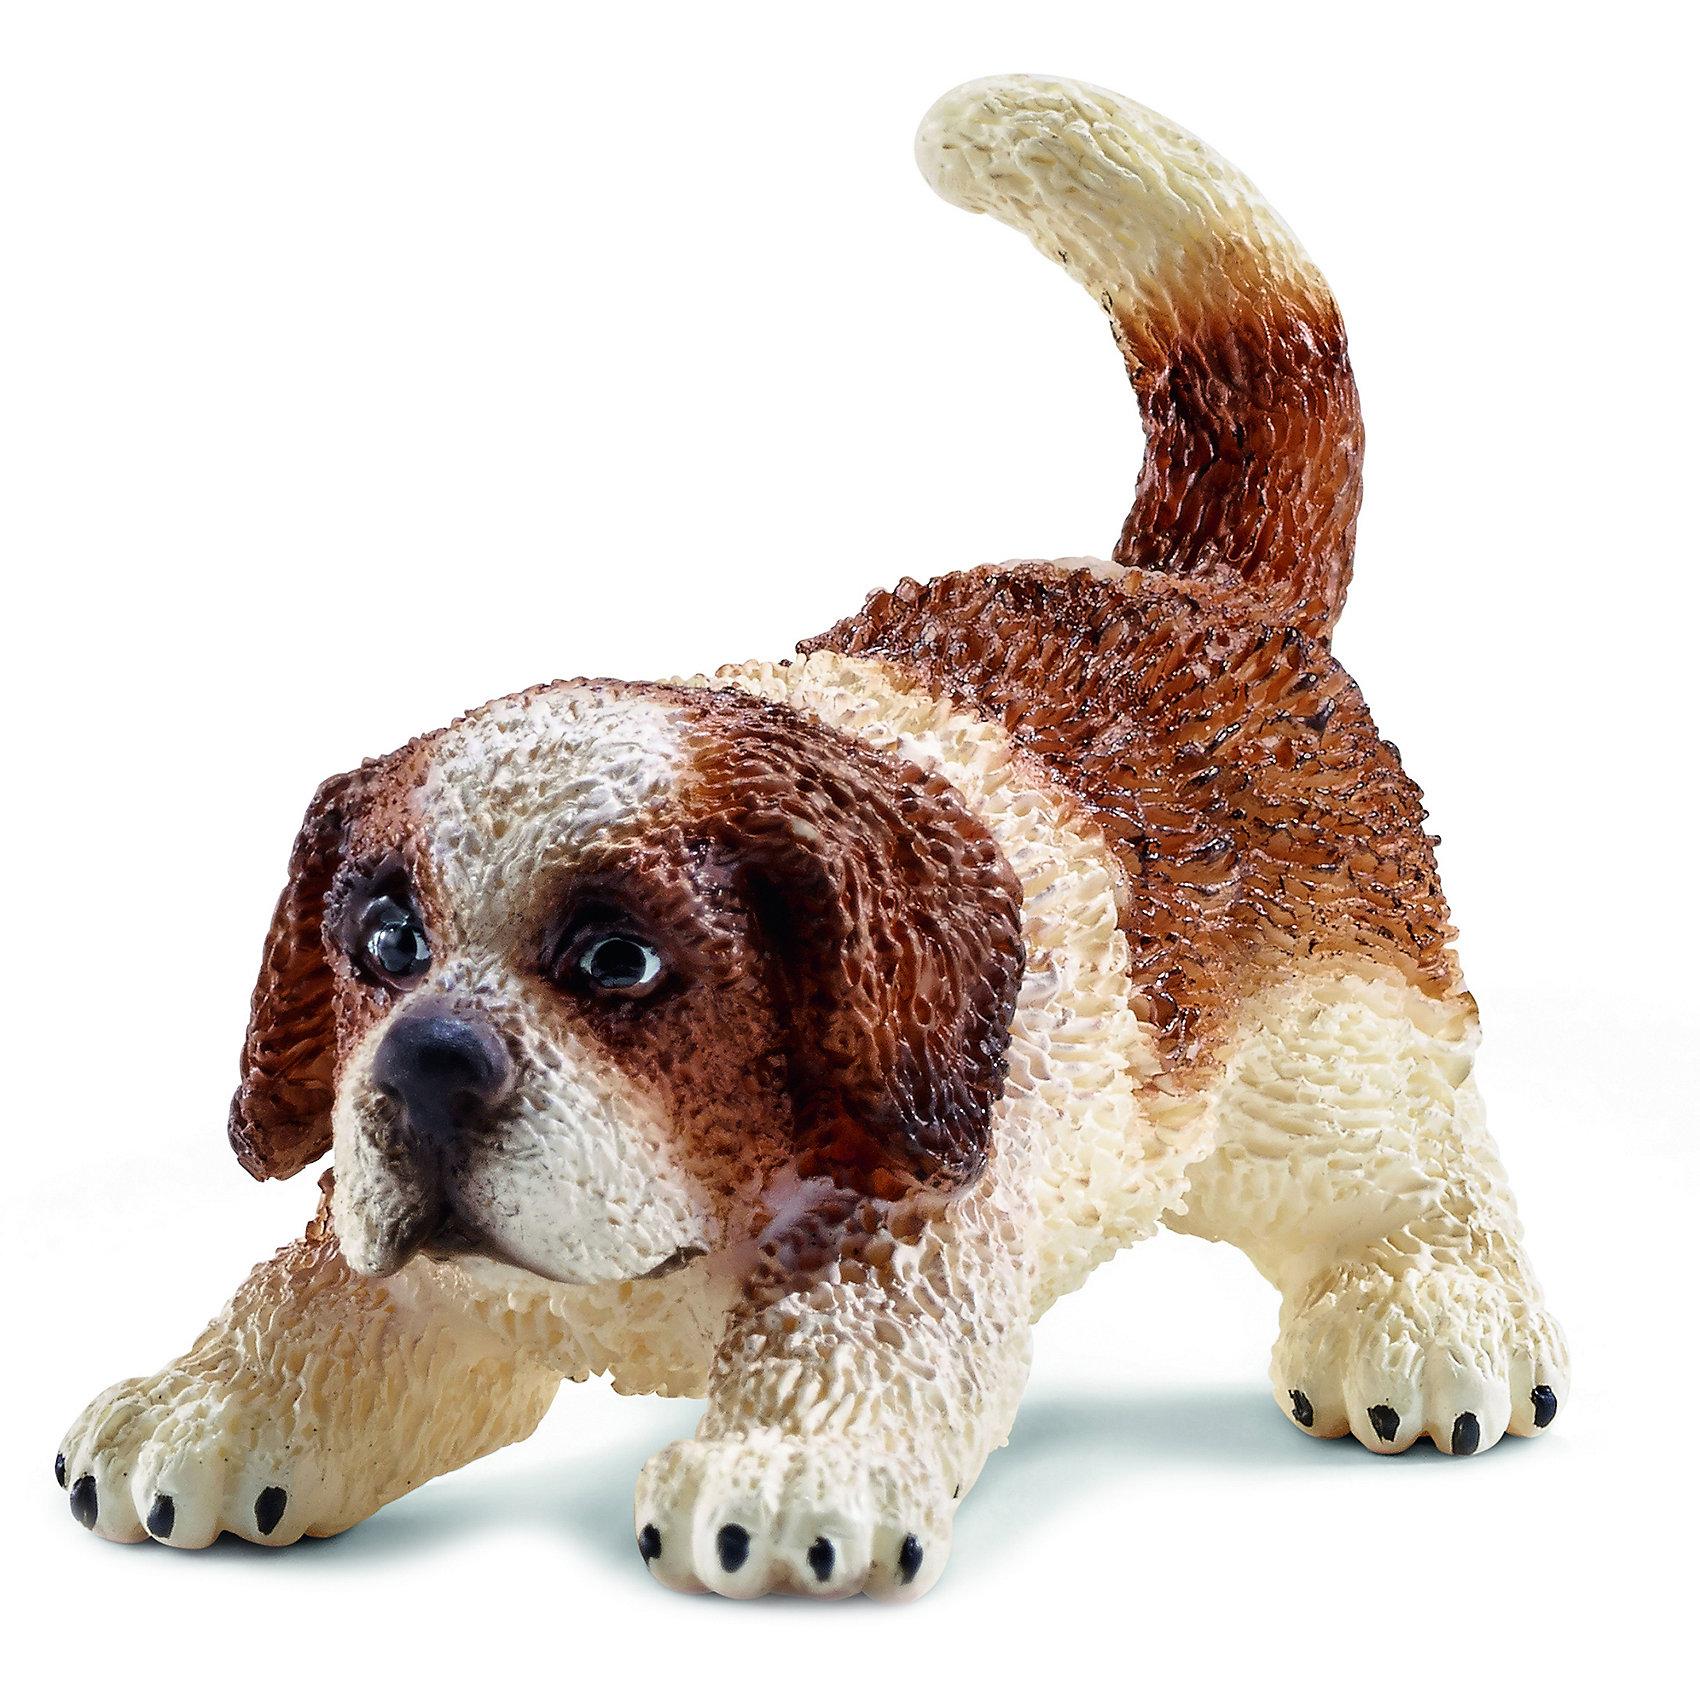 Щенок Сенбернара, SchleichМир животных<br>Щенок Сенбернара, Schleich (Шляйх) – это высококачественная коллекционная и игровая фигурка.<br>Фигурка Щенка Сенбернара прекрасно разнообразит игру вашего ребенка и станет отличным пополнением коллекции его фигурок животных. Сенбернар – это очень уравновешенная и спокойная собака, которая всегда старается угодить своему хозяину и выполнить все его поручения. Он отличный спасатель, неплохой сторож и может послужить даже нянькой, так как лает чрезвычайно редко, любит детей и старается оградить их от опасности. <br>Прекрасно выполненные фигурки Schleich (Шляйх) являются максимально точной копией настоящих животных и отличаются высочайшим качеством игрушек ручной работы. Каждая фигурка разработана с учетом исследований в области педагогики и производится как настоящее произведение для маленьких детских ручек. Все фигурки Schleich (Шляйх) сделаны из гипоаллергенных высокотехнологичных материалов, раскрашены вручную и не вызывают аллергии у ребенка.<br> <br>Дополнительная информация:<br><br>- Размер фигурки: 3,1 х 4,6 х 2,5 см.<br>- Материал: высококачественный каучуковый пластик<br><br>Фигурку Щенка Сенбернара, Schleich (Шляйх) можно купить в нашем интернет-магазине.<br><br>Ширина мм: 118<br>Глубина мм: 4<br>Высота мм: 20<br>Вес г: 11<br>Возраст от месяцев: 36<br>Возраст до месяцев: 96<br>Пол: Унисекс<br>Возраст: Детский<br>SKU: 3902555